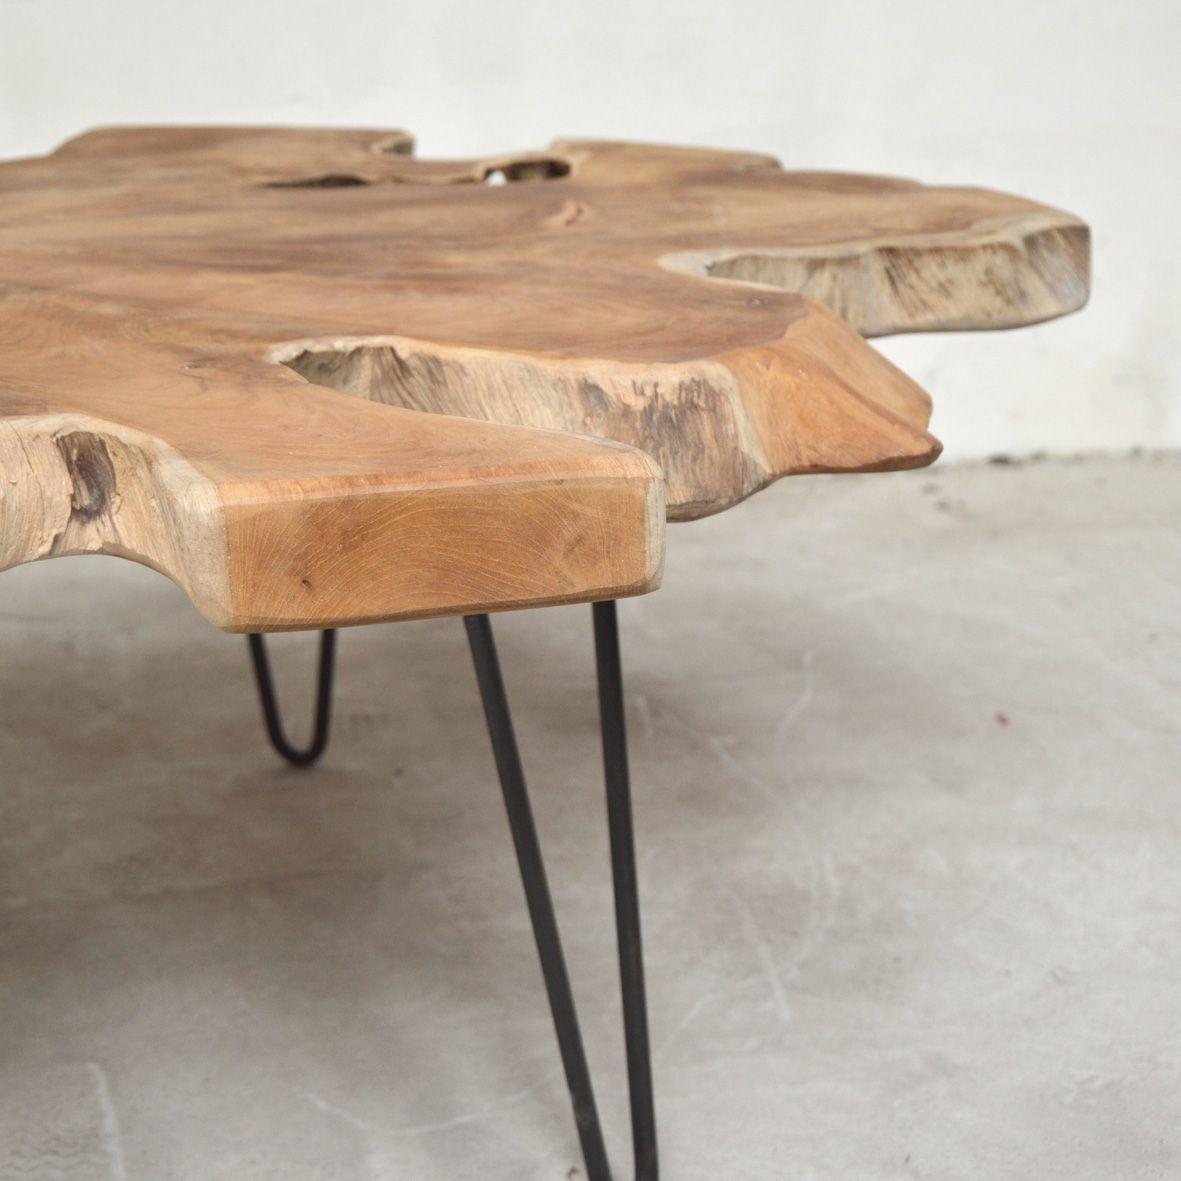 Vintage Teak Coffee Table: Vintage Teak Coffee Table For Sale At Pamono